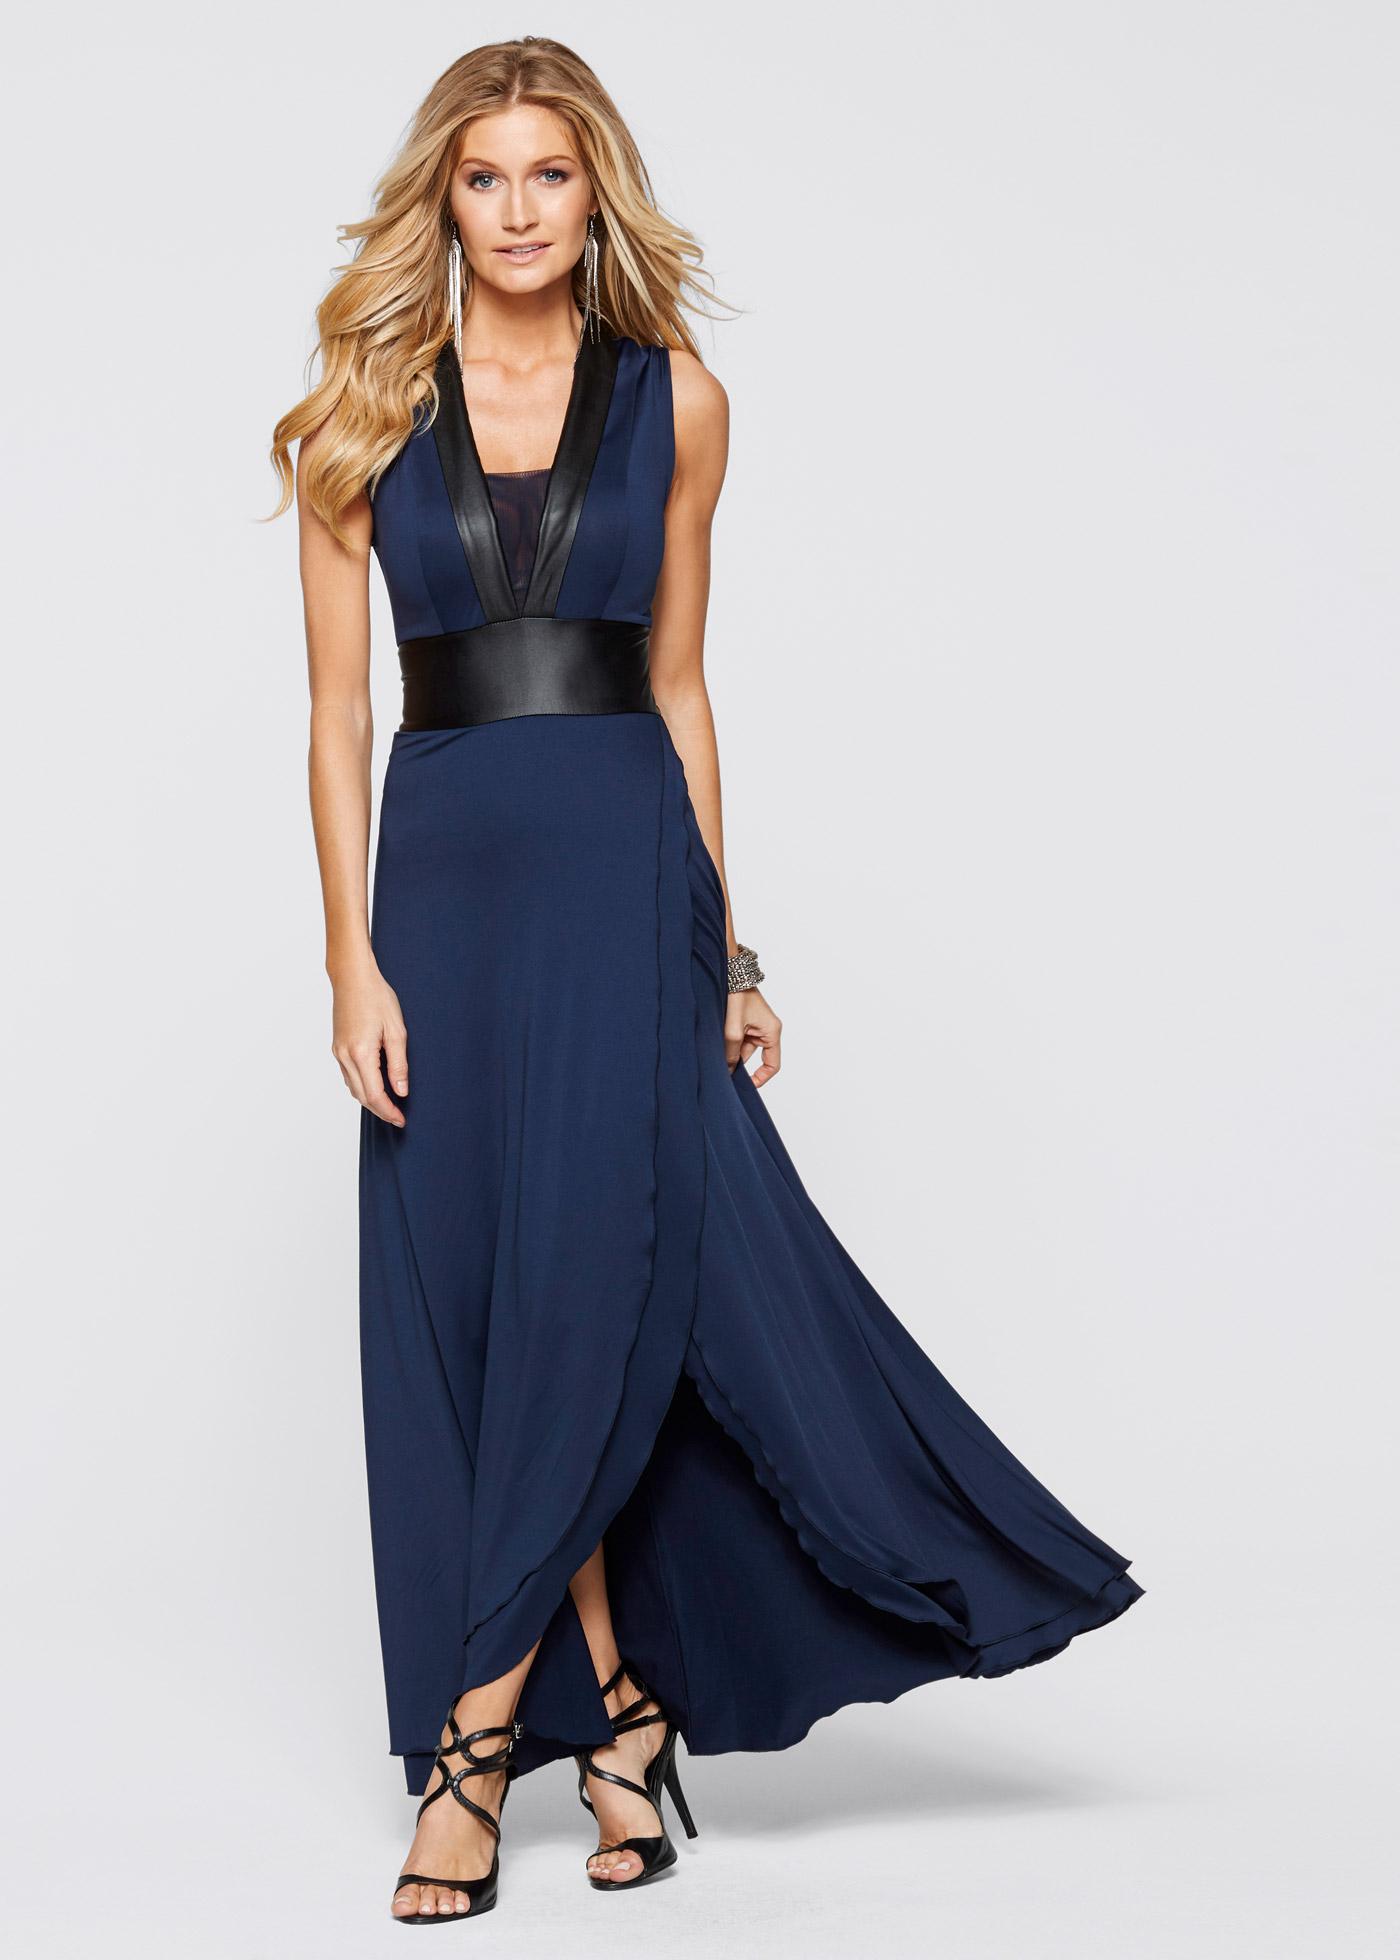 Kleid, BODYFLIRT boutique, dunkelblau/schwarz